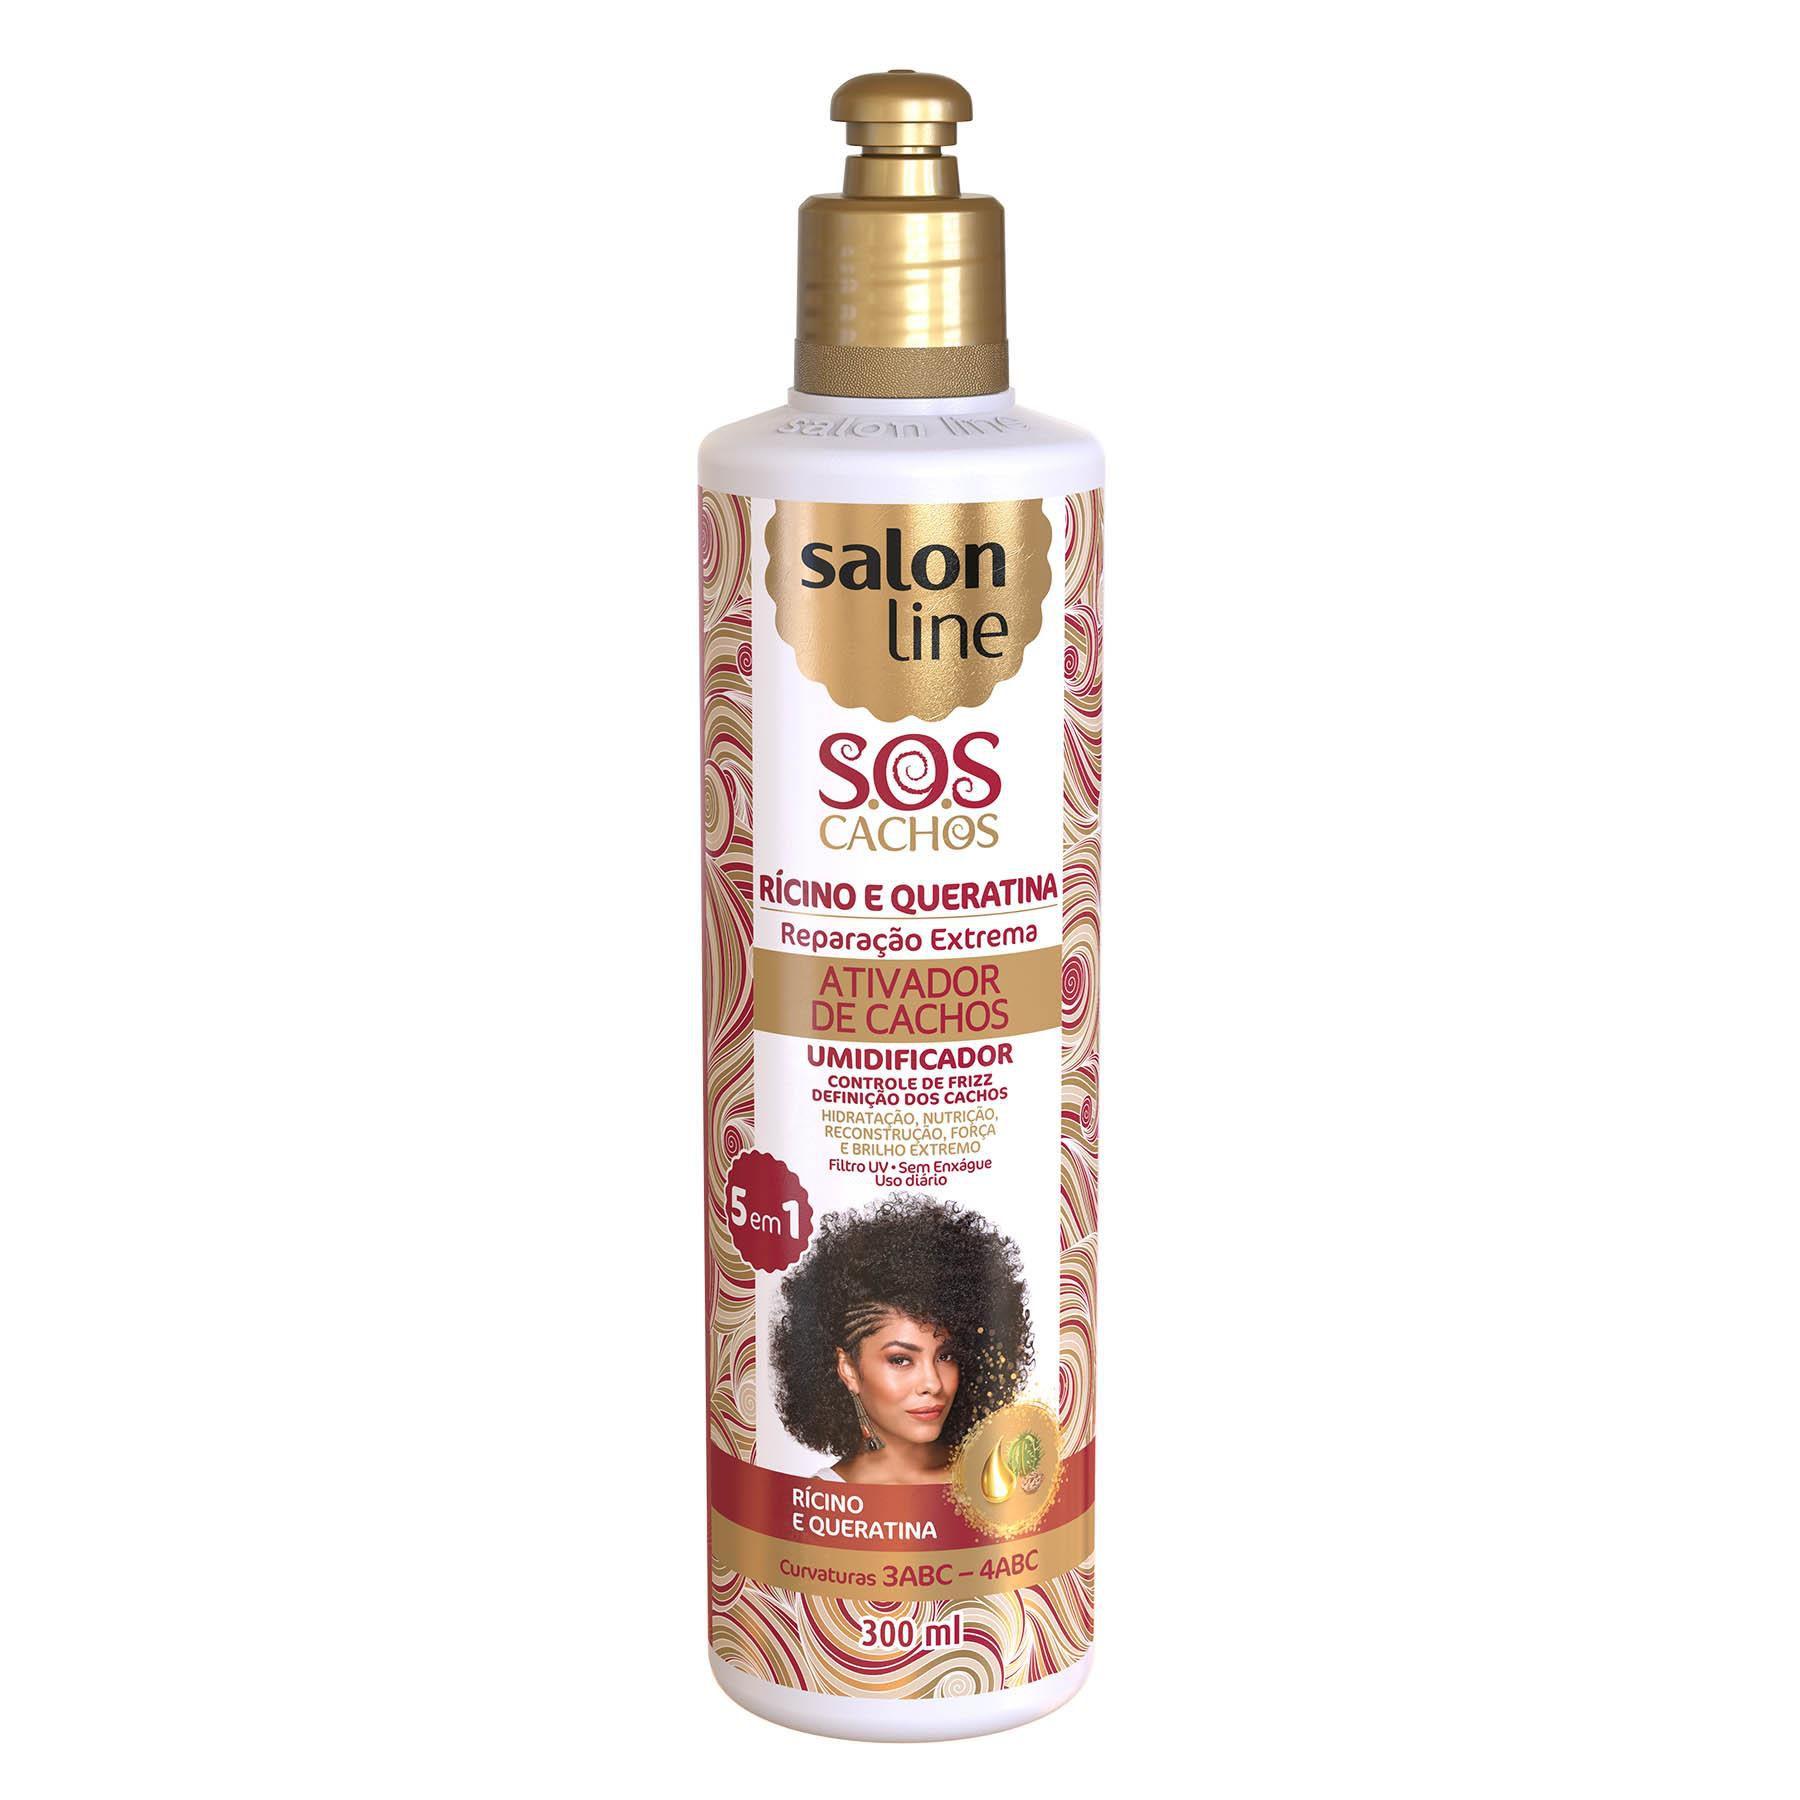 Salon Line Ativador de Cachos S.O.S Cachos Ricínio e Queratina 300ml